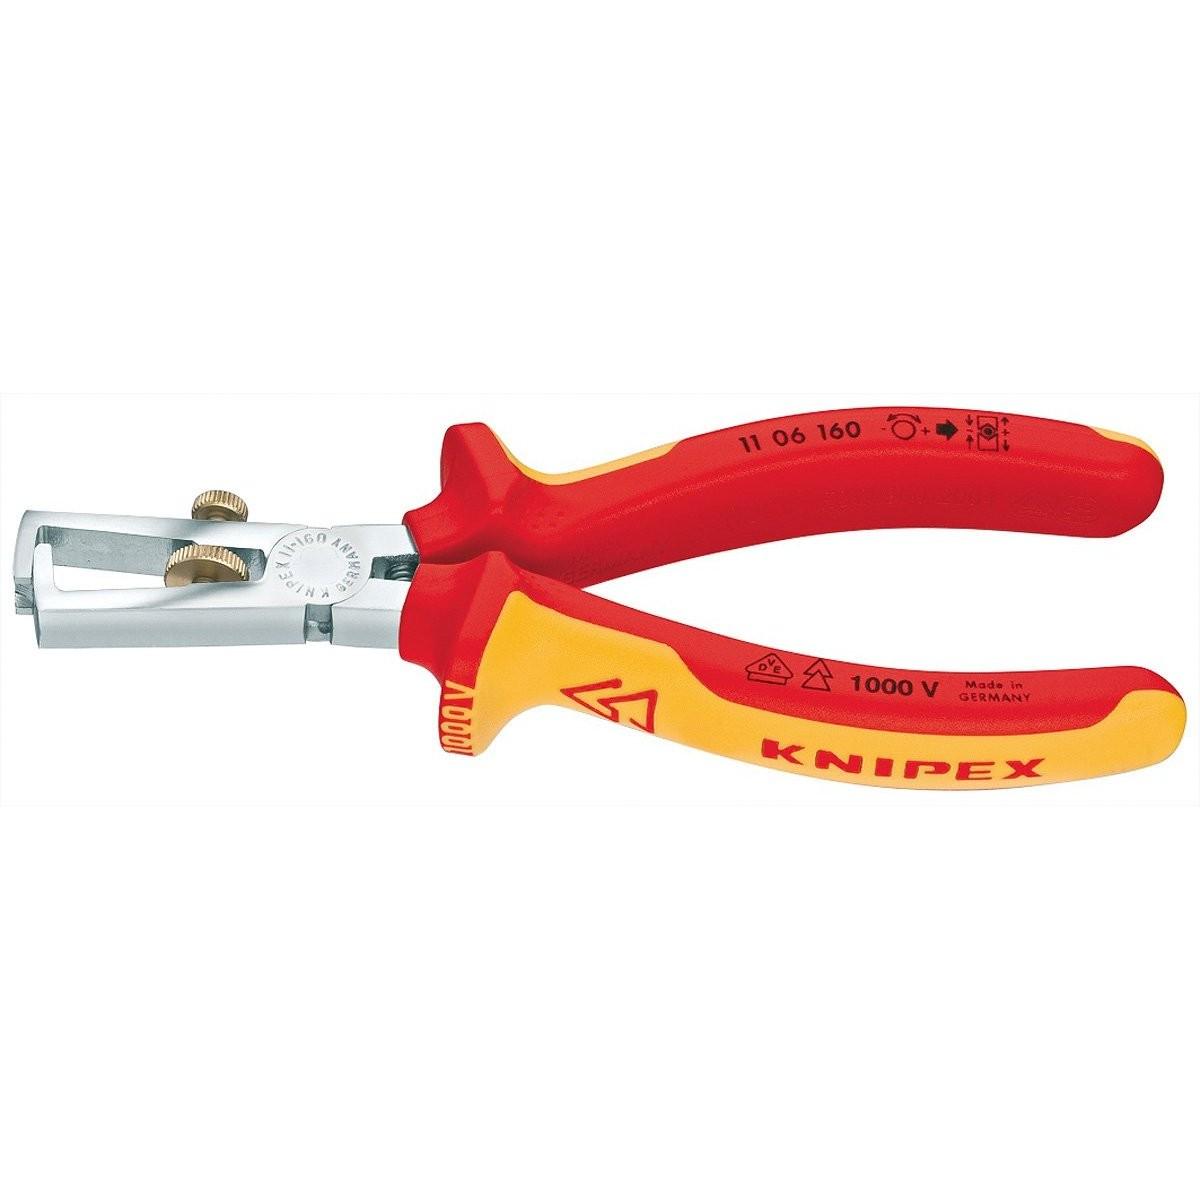 Knipex Abisolierzange 1106160